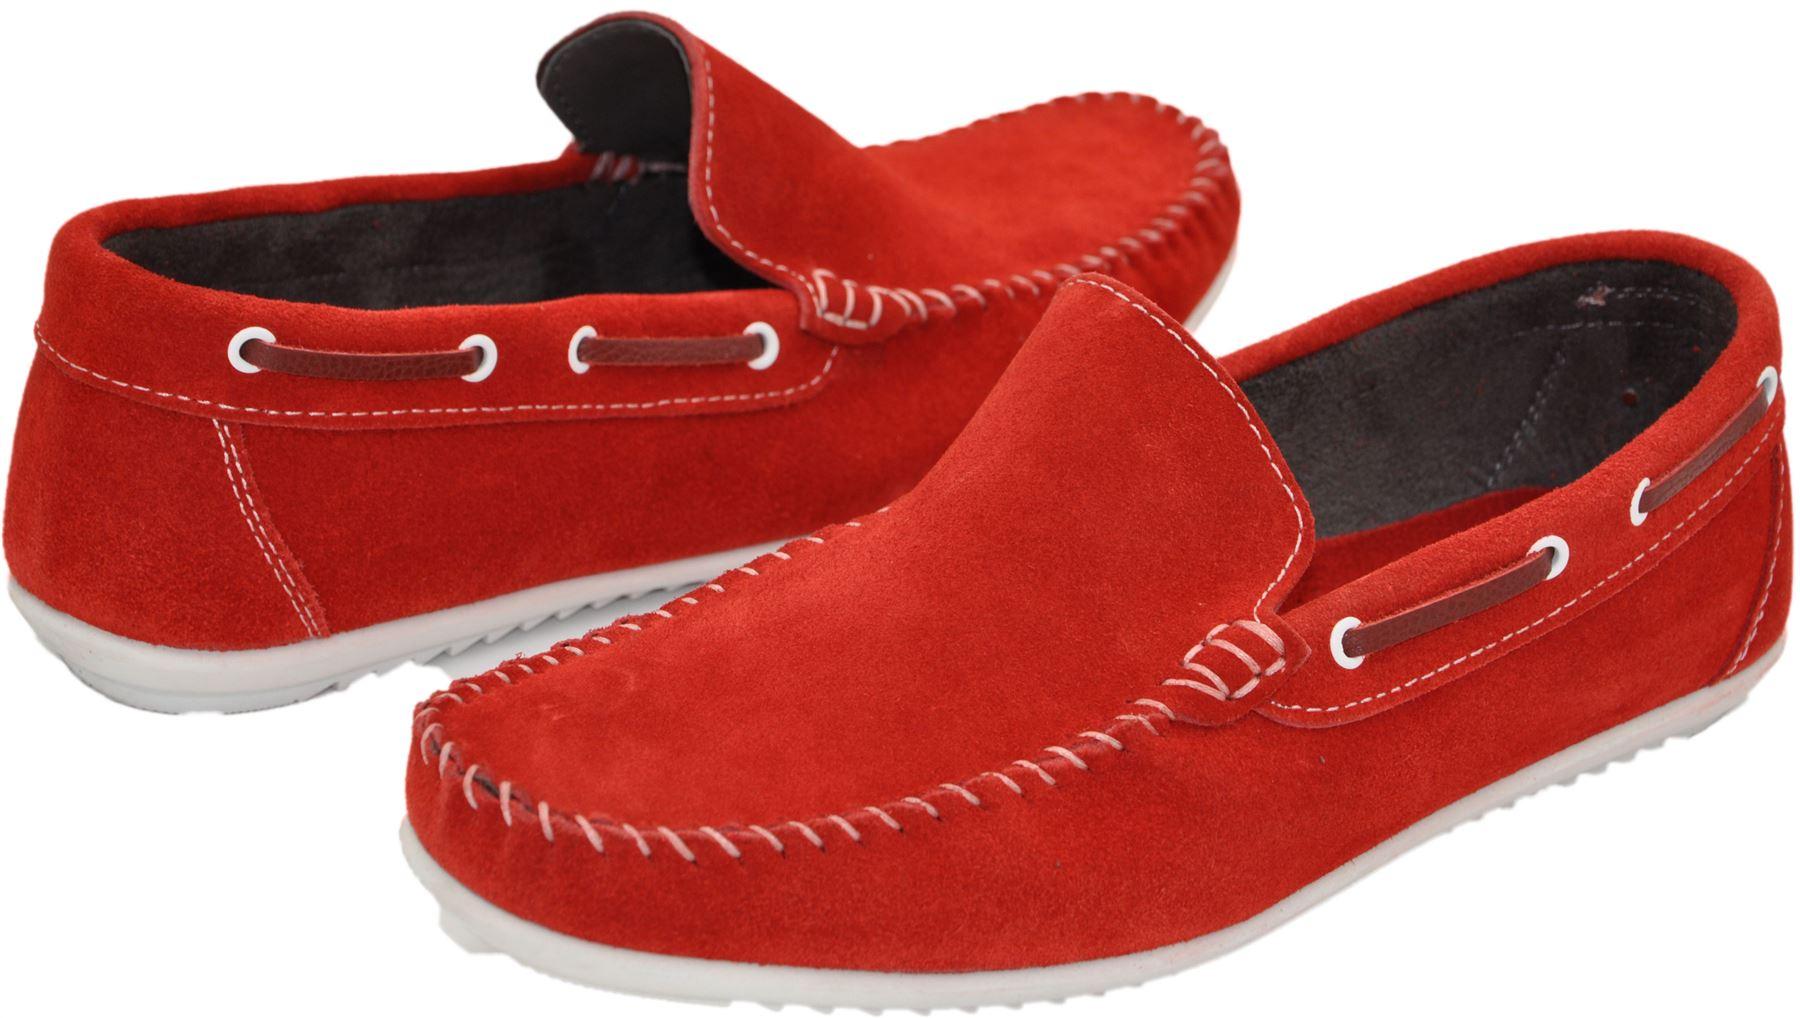 Mocassins bateau homme rouge et blanc nubuck dr28 3mhiVypK